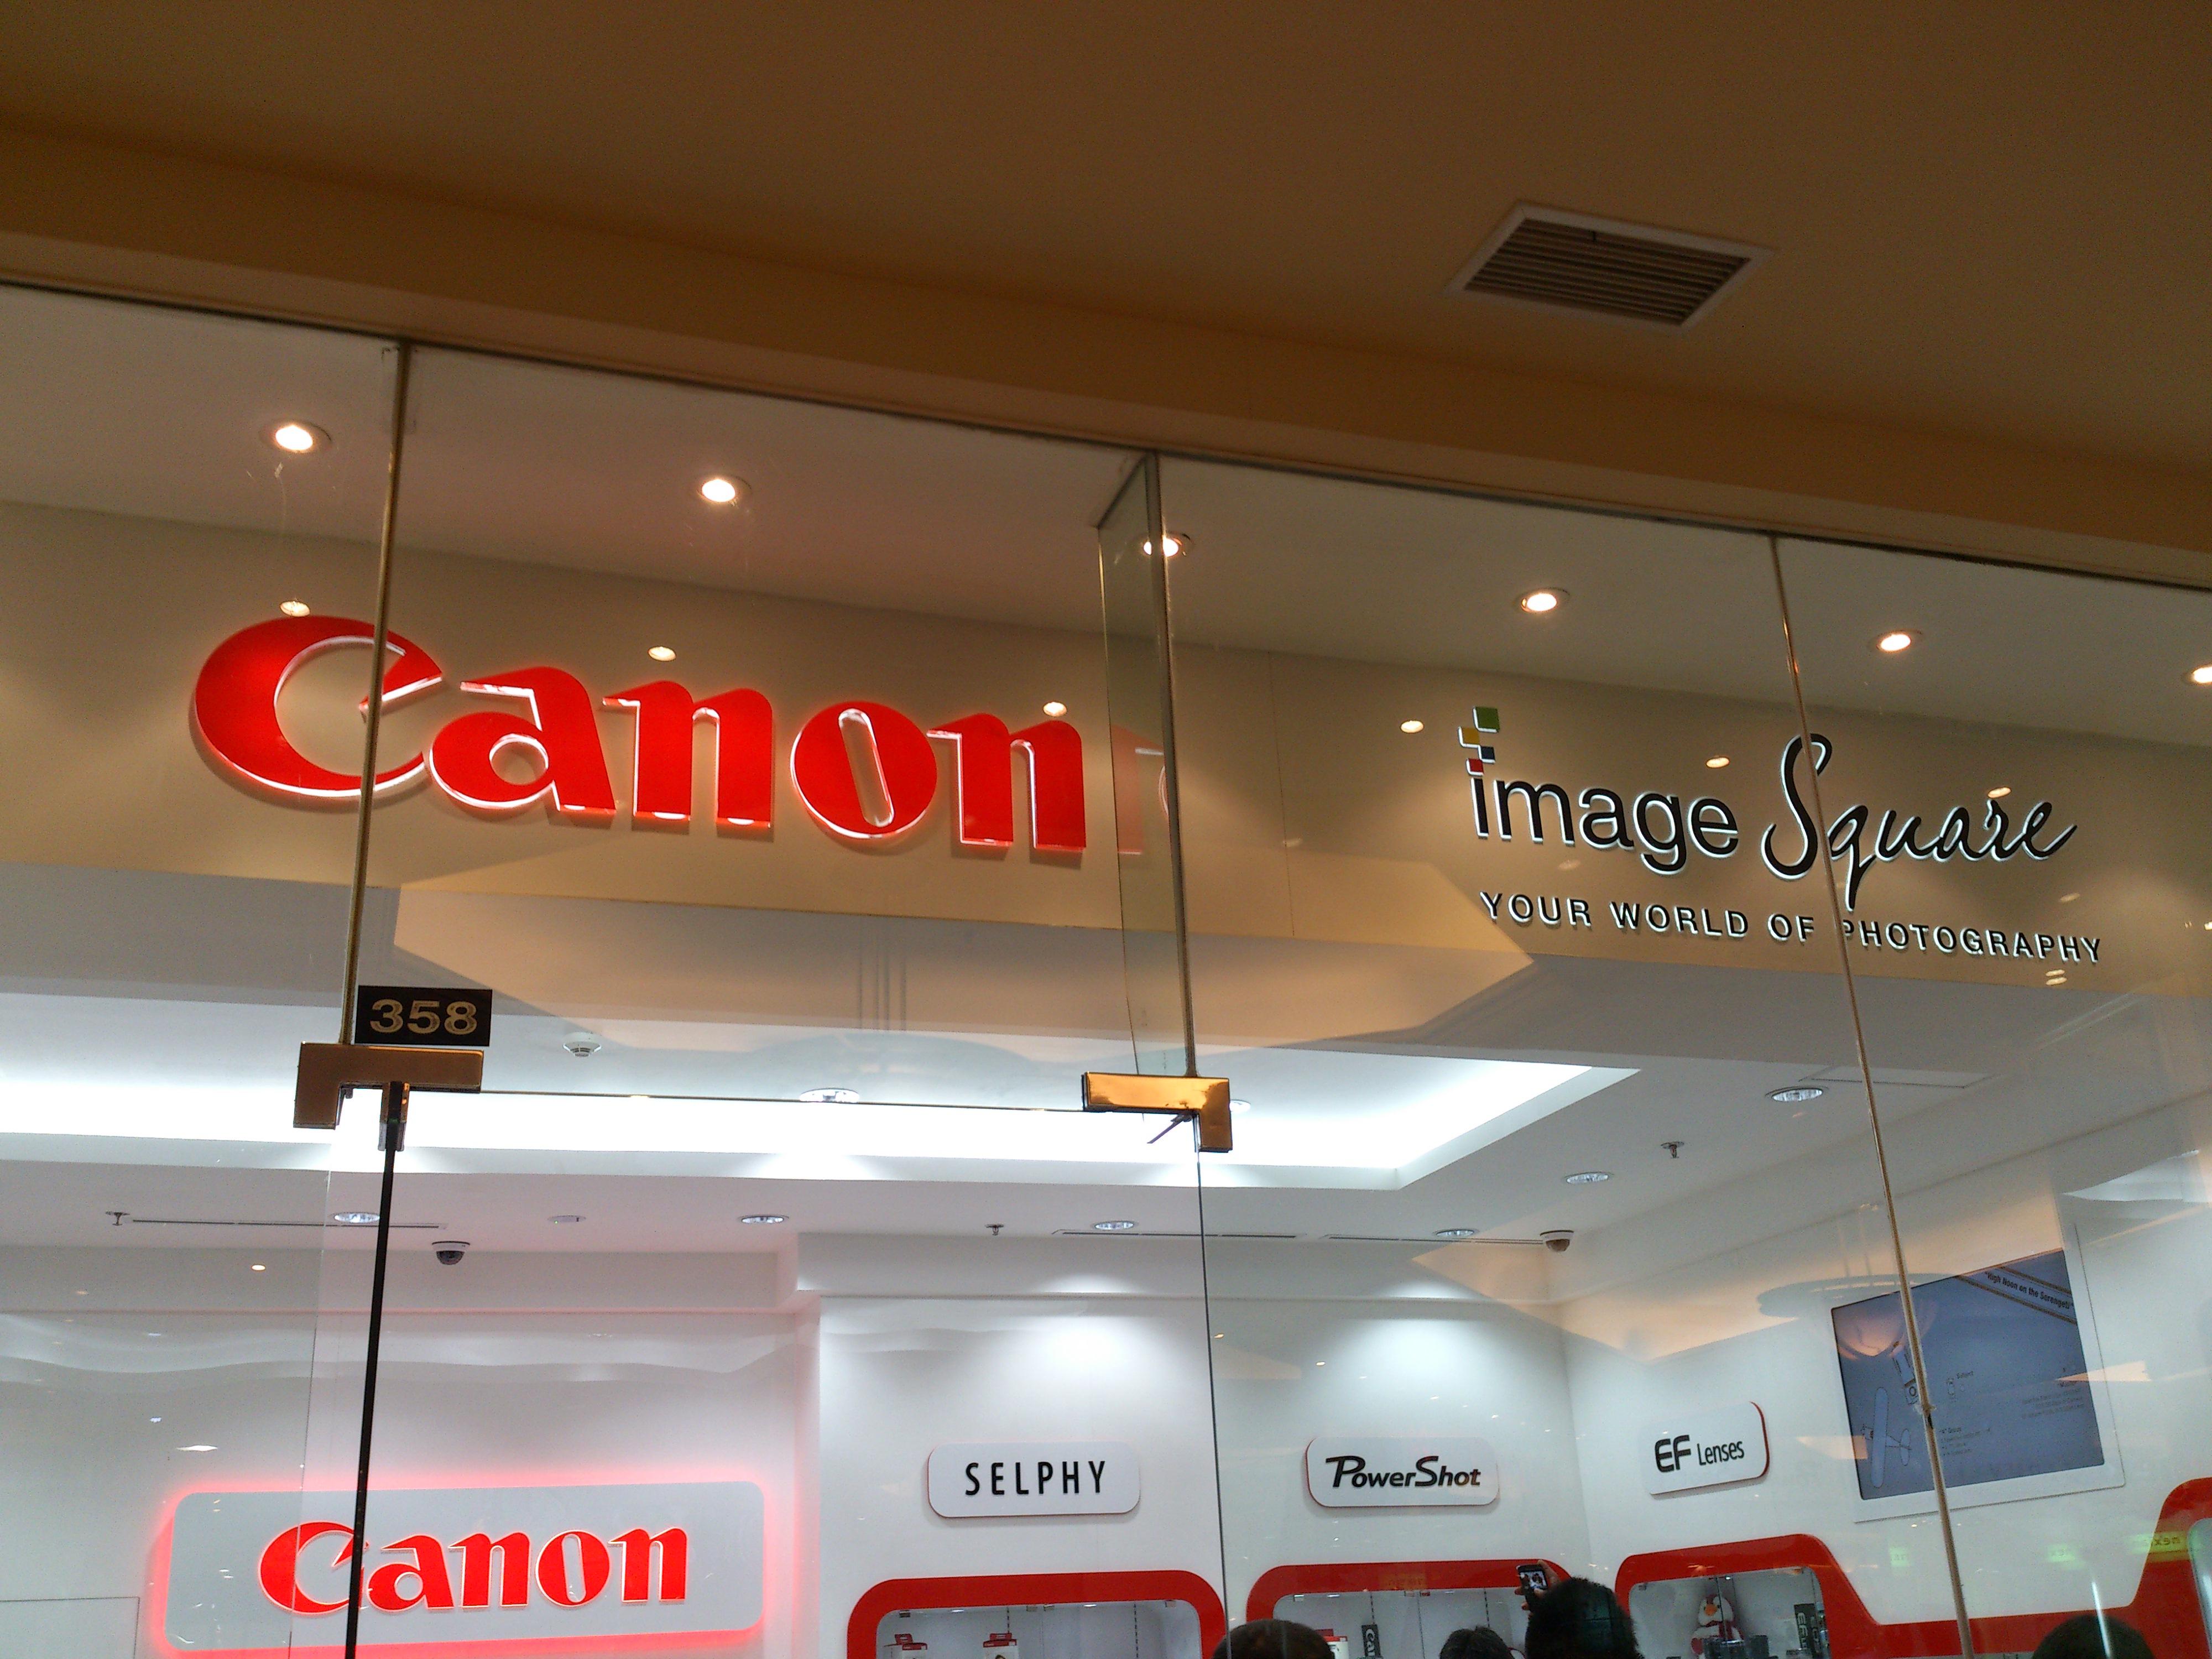 Canon Image Square MTA 3